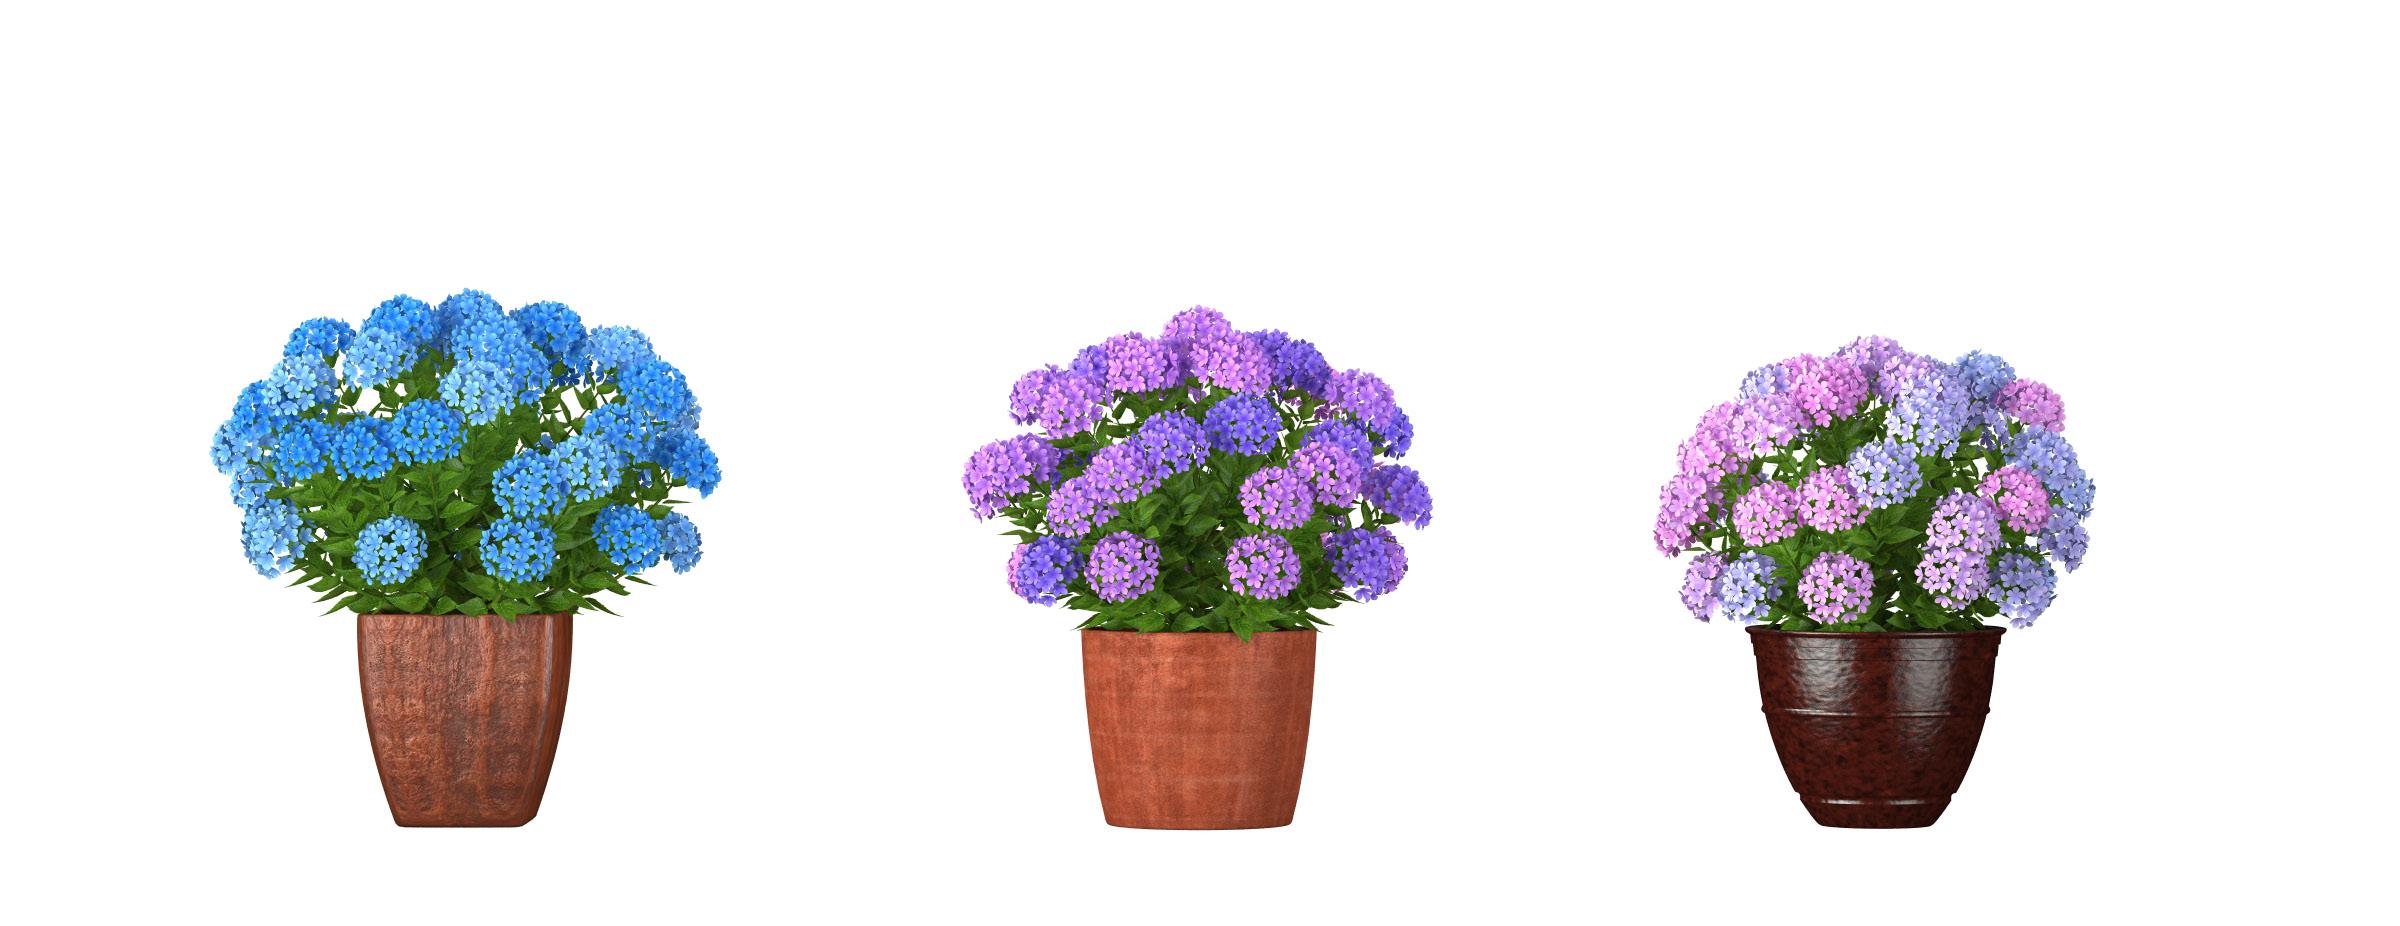 RANDOM MODELS – PRO MODELS 320 – FLOWER MODELS